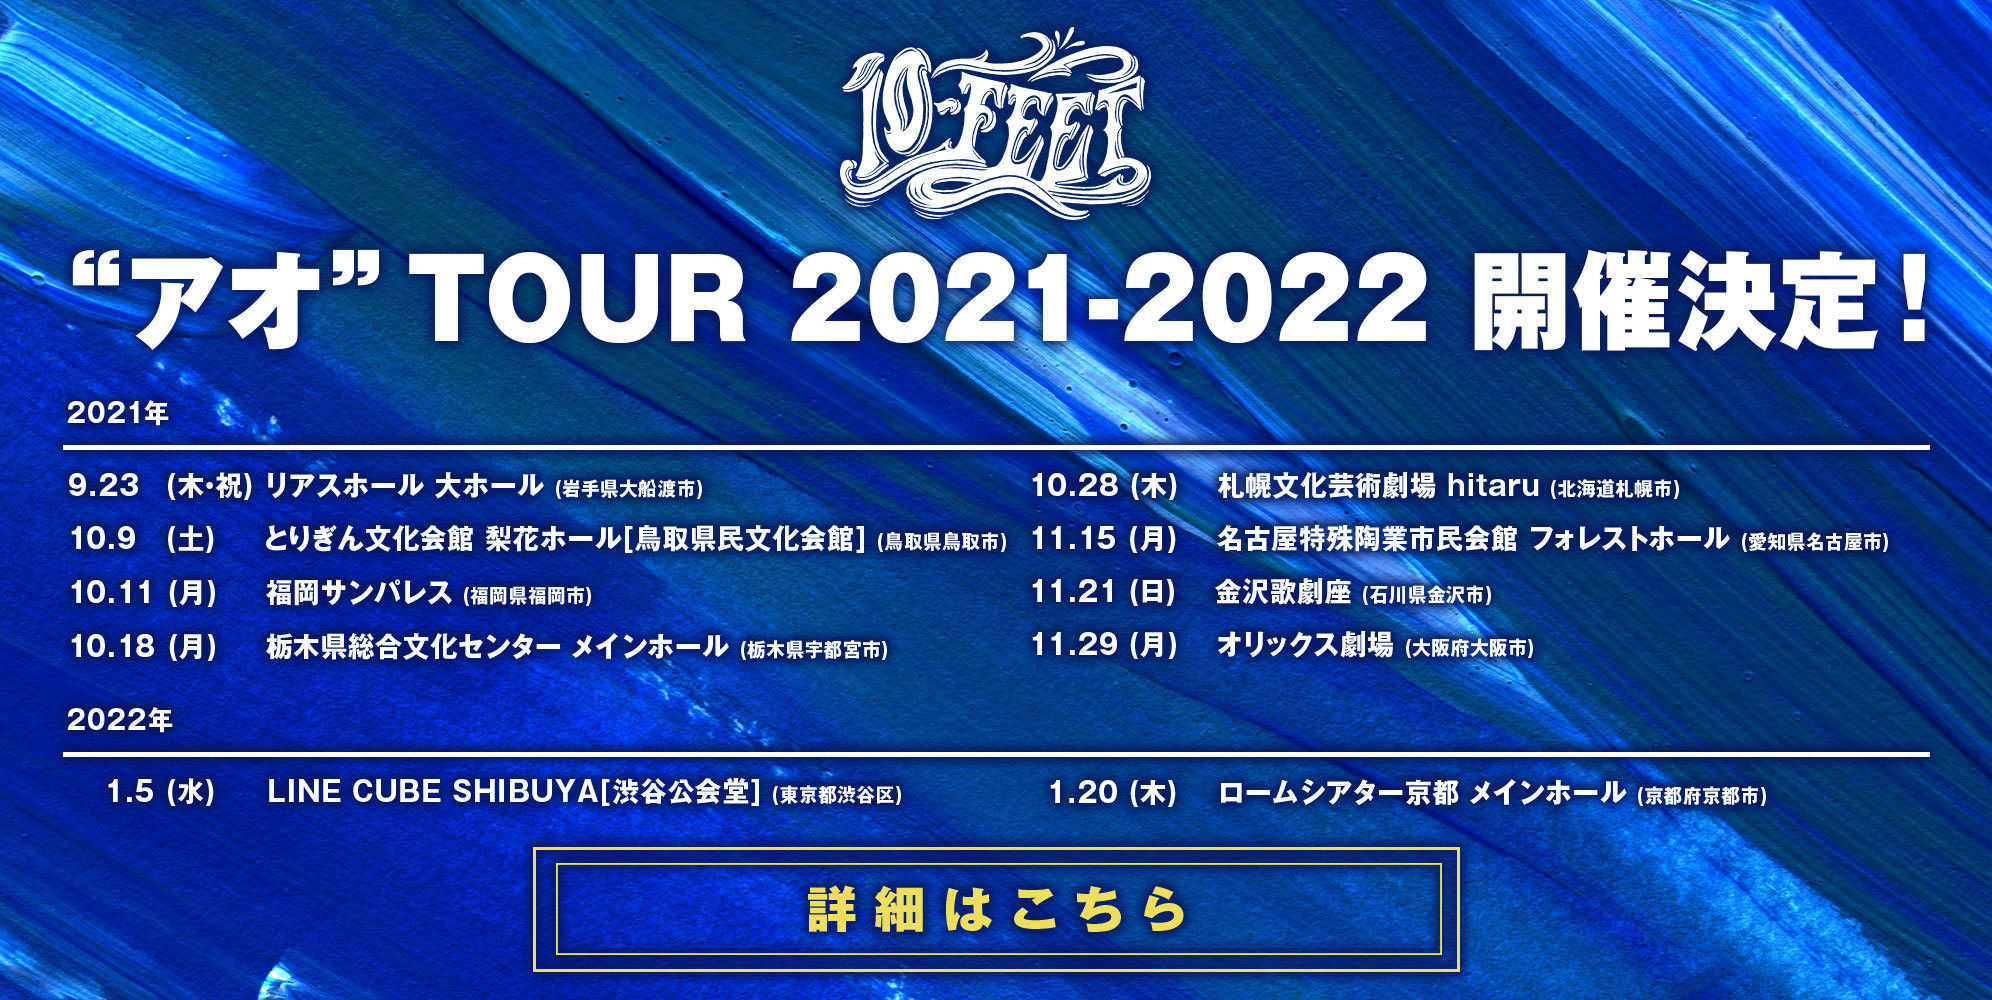 10feet_ao-tour2021_210506